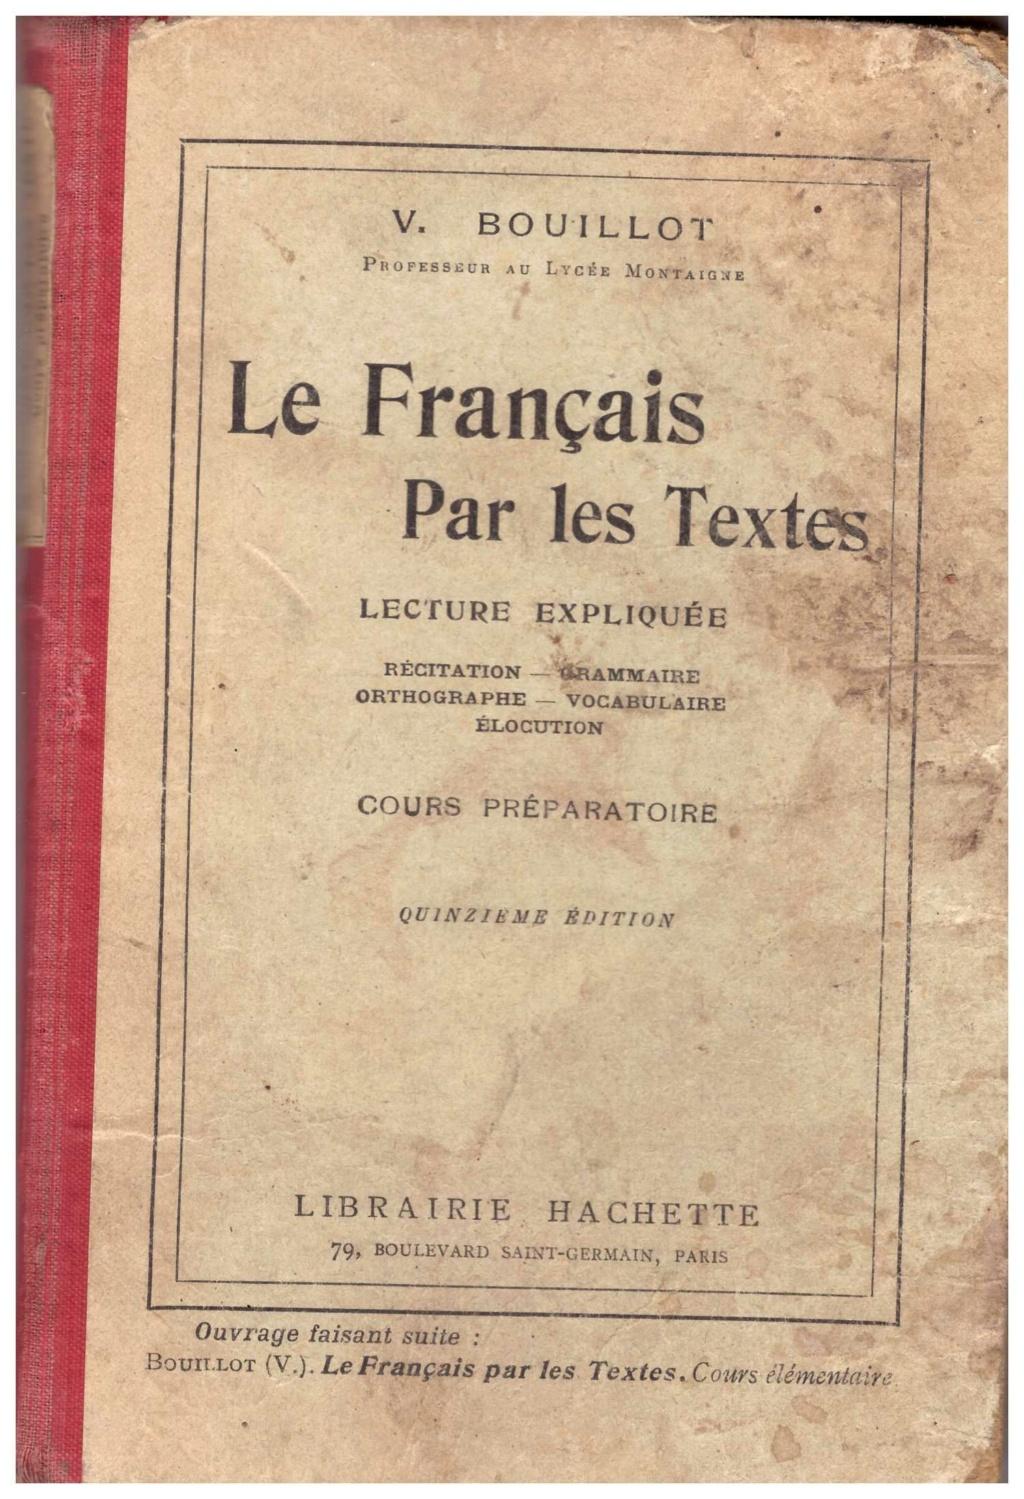 Les Grands Albums Hachette Num_2067